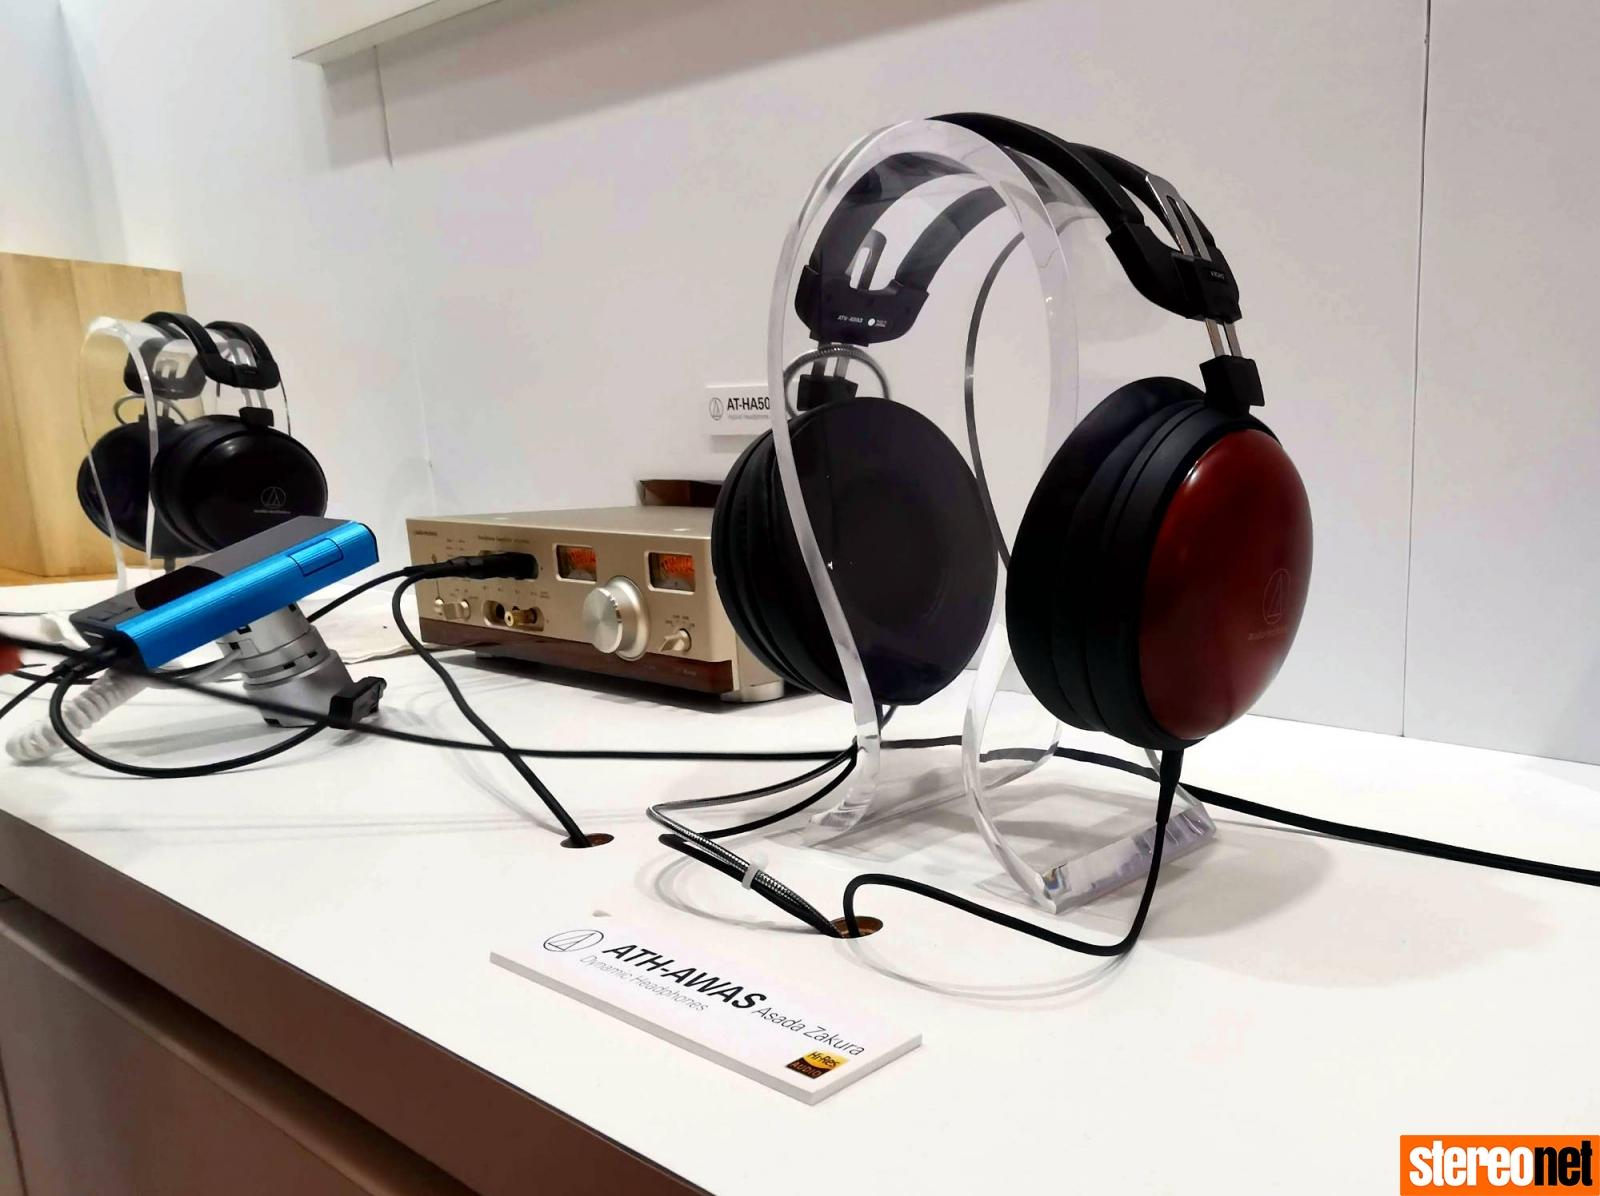 Audio-technica Bristol hifi show 2020 report